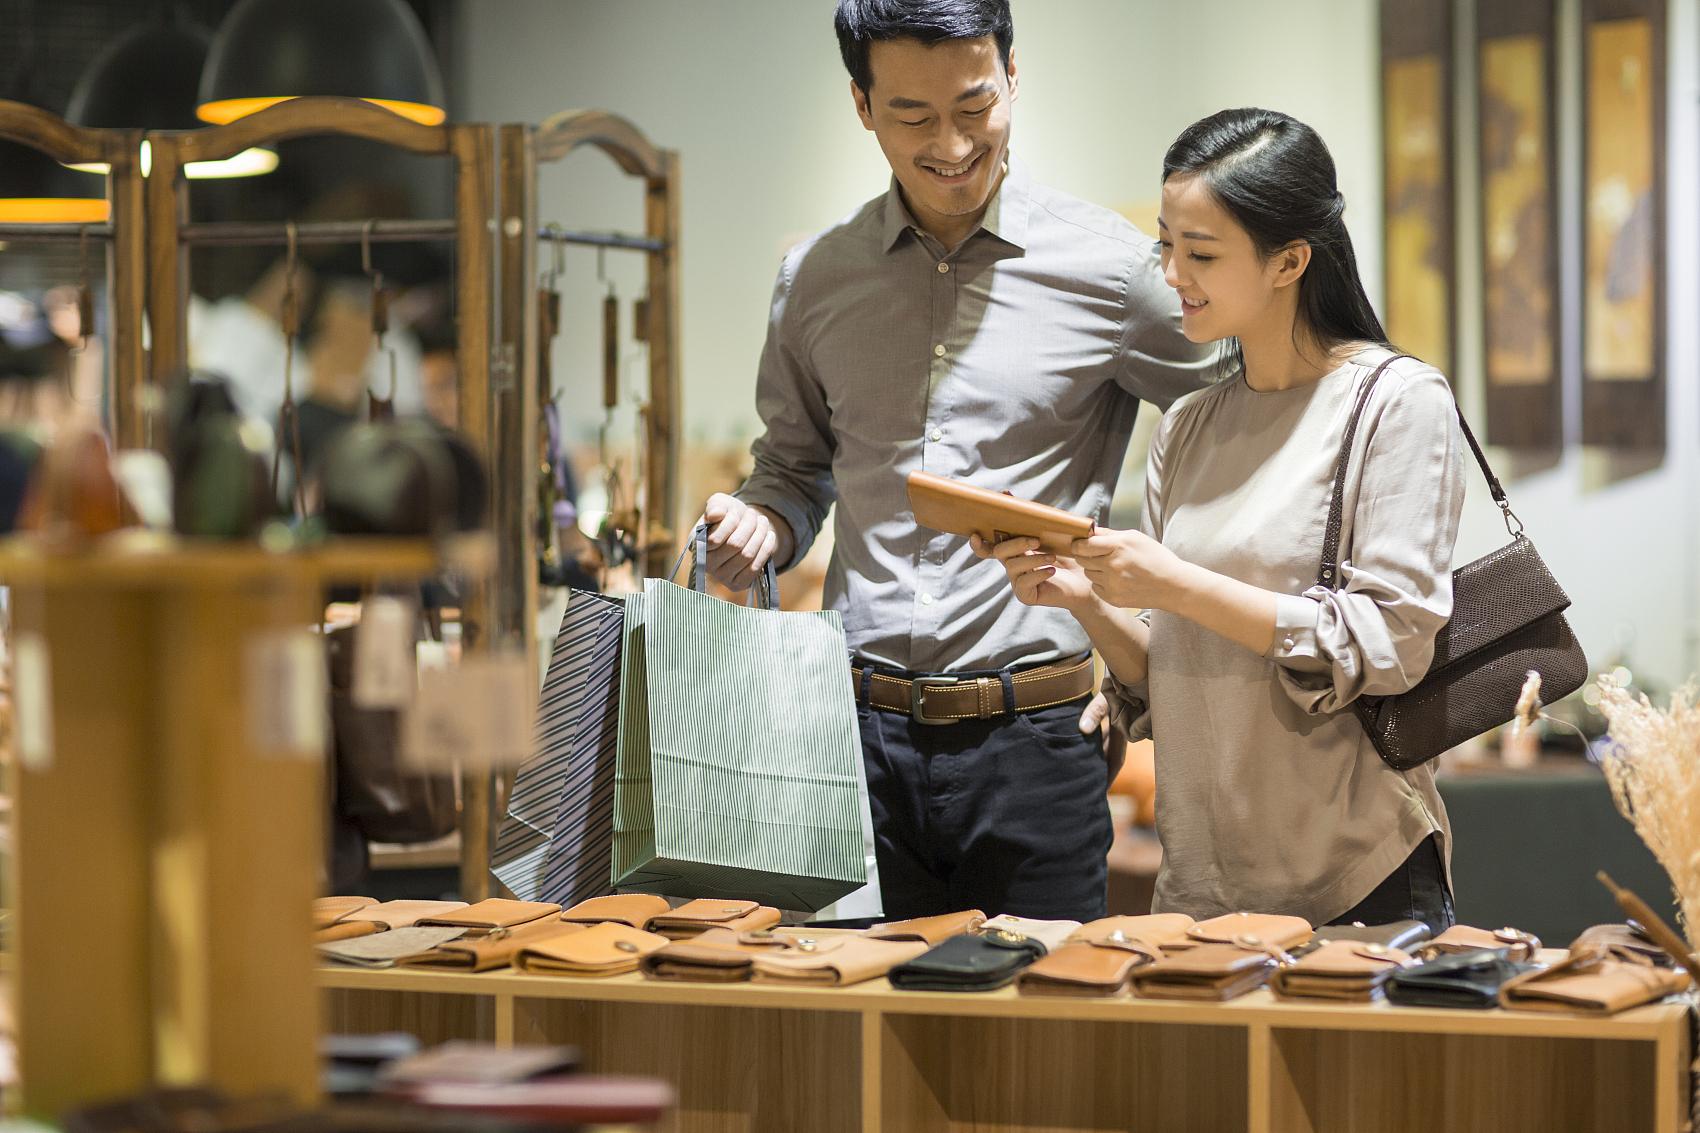 GAM全球奢侈品牌基金:中国中产阶级消费者将拉动奢侈品行业走出危机